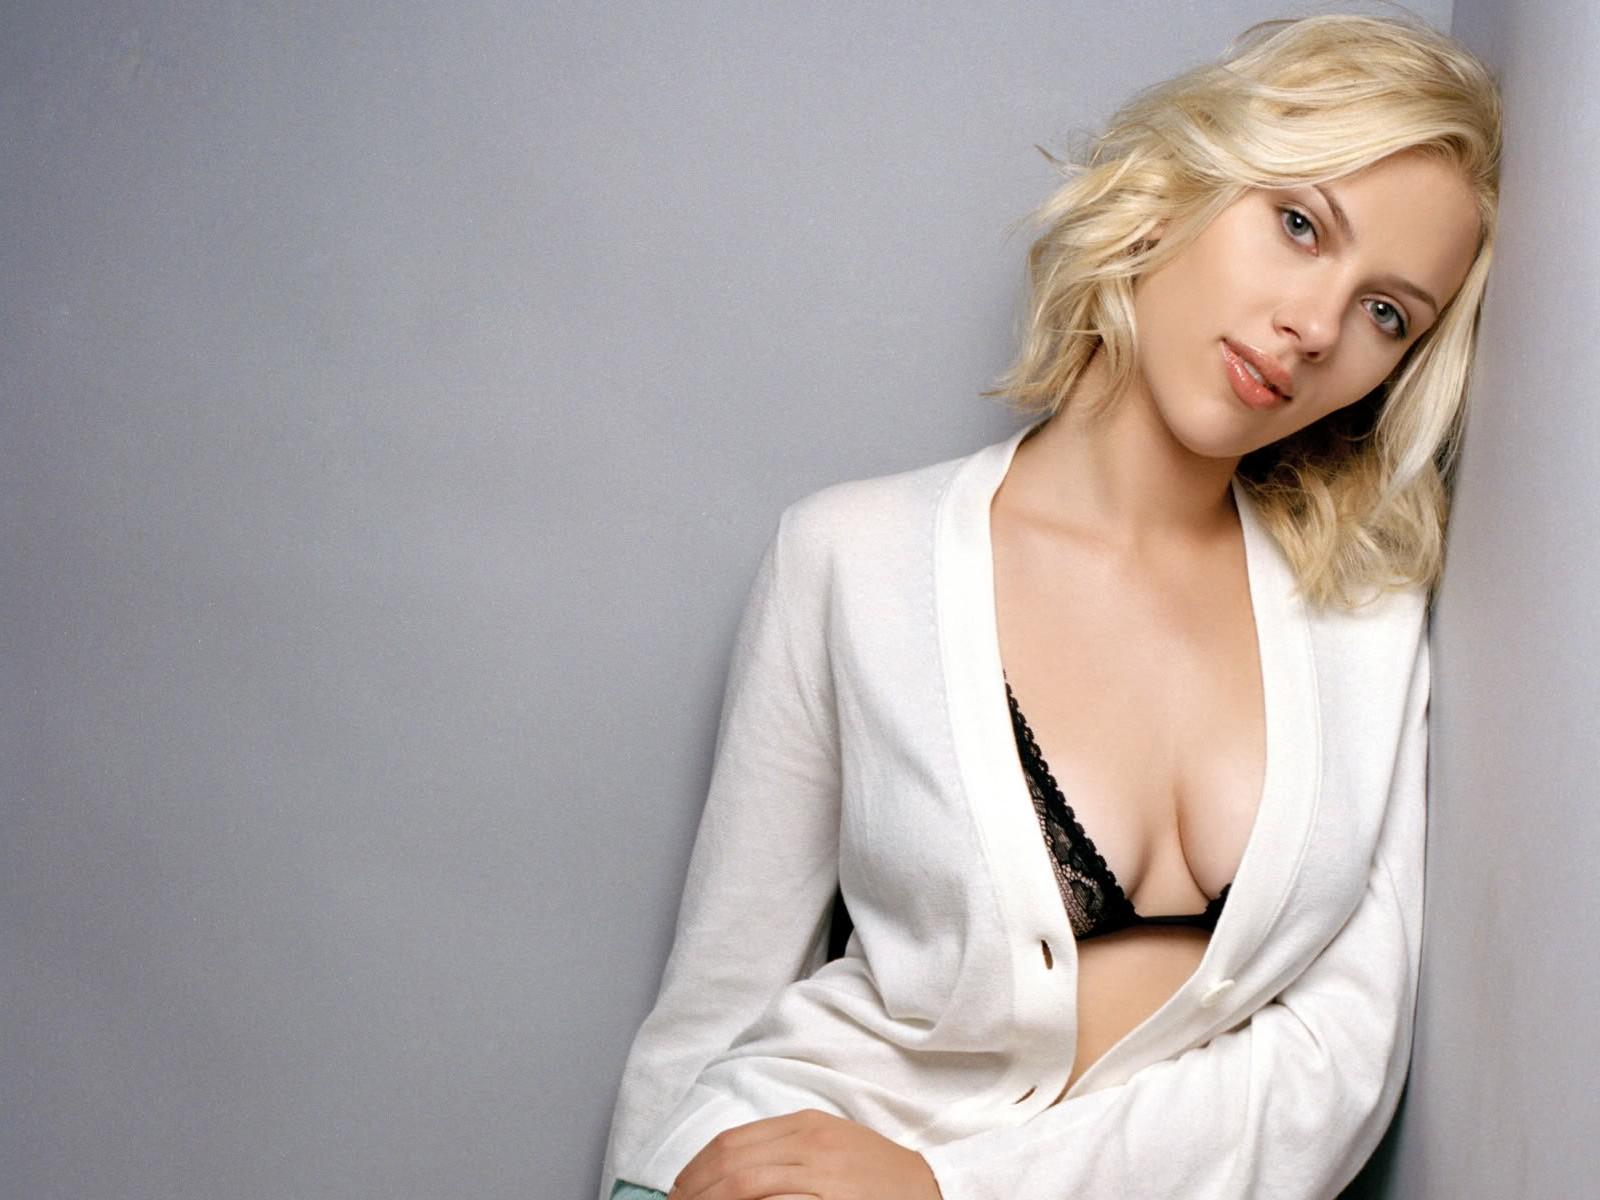 imagineanddo: Girls: Scarlett Johansson - Wallpapers